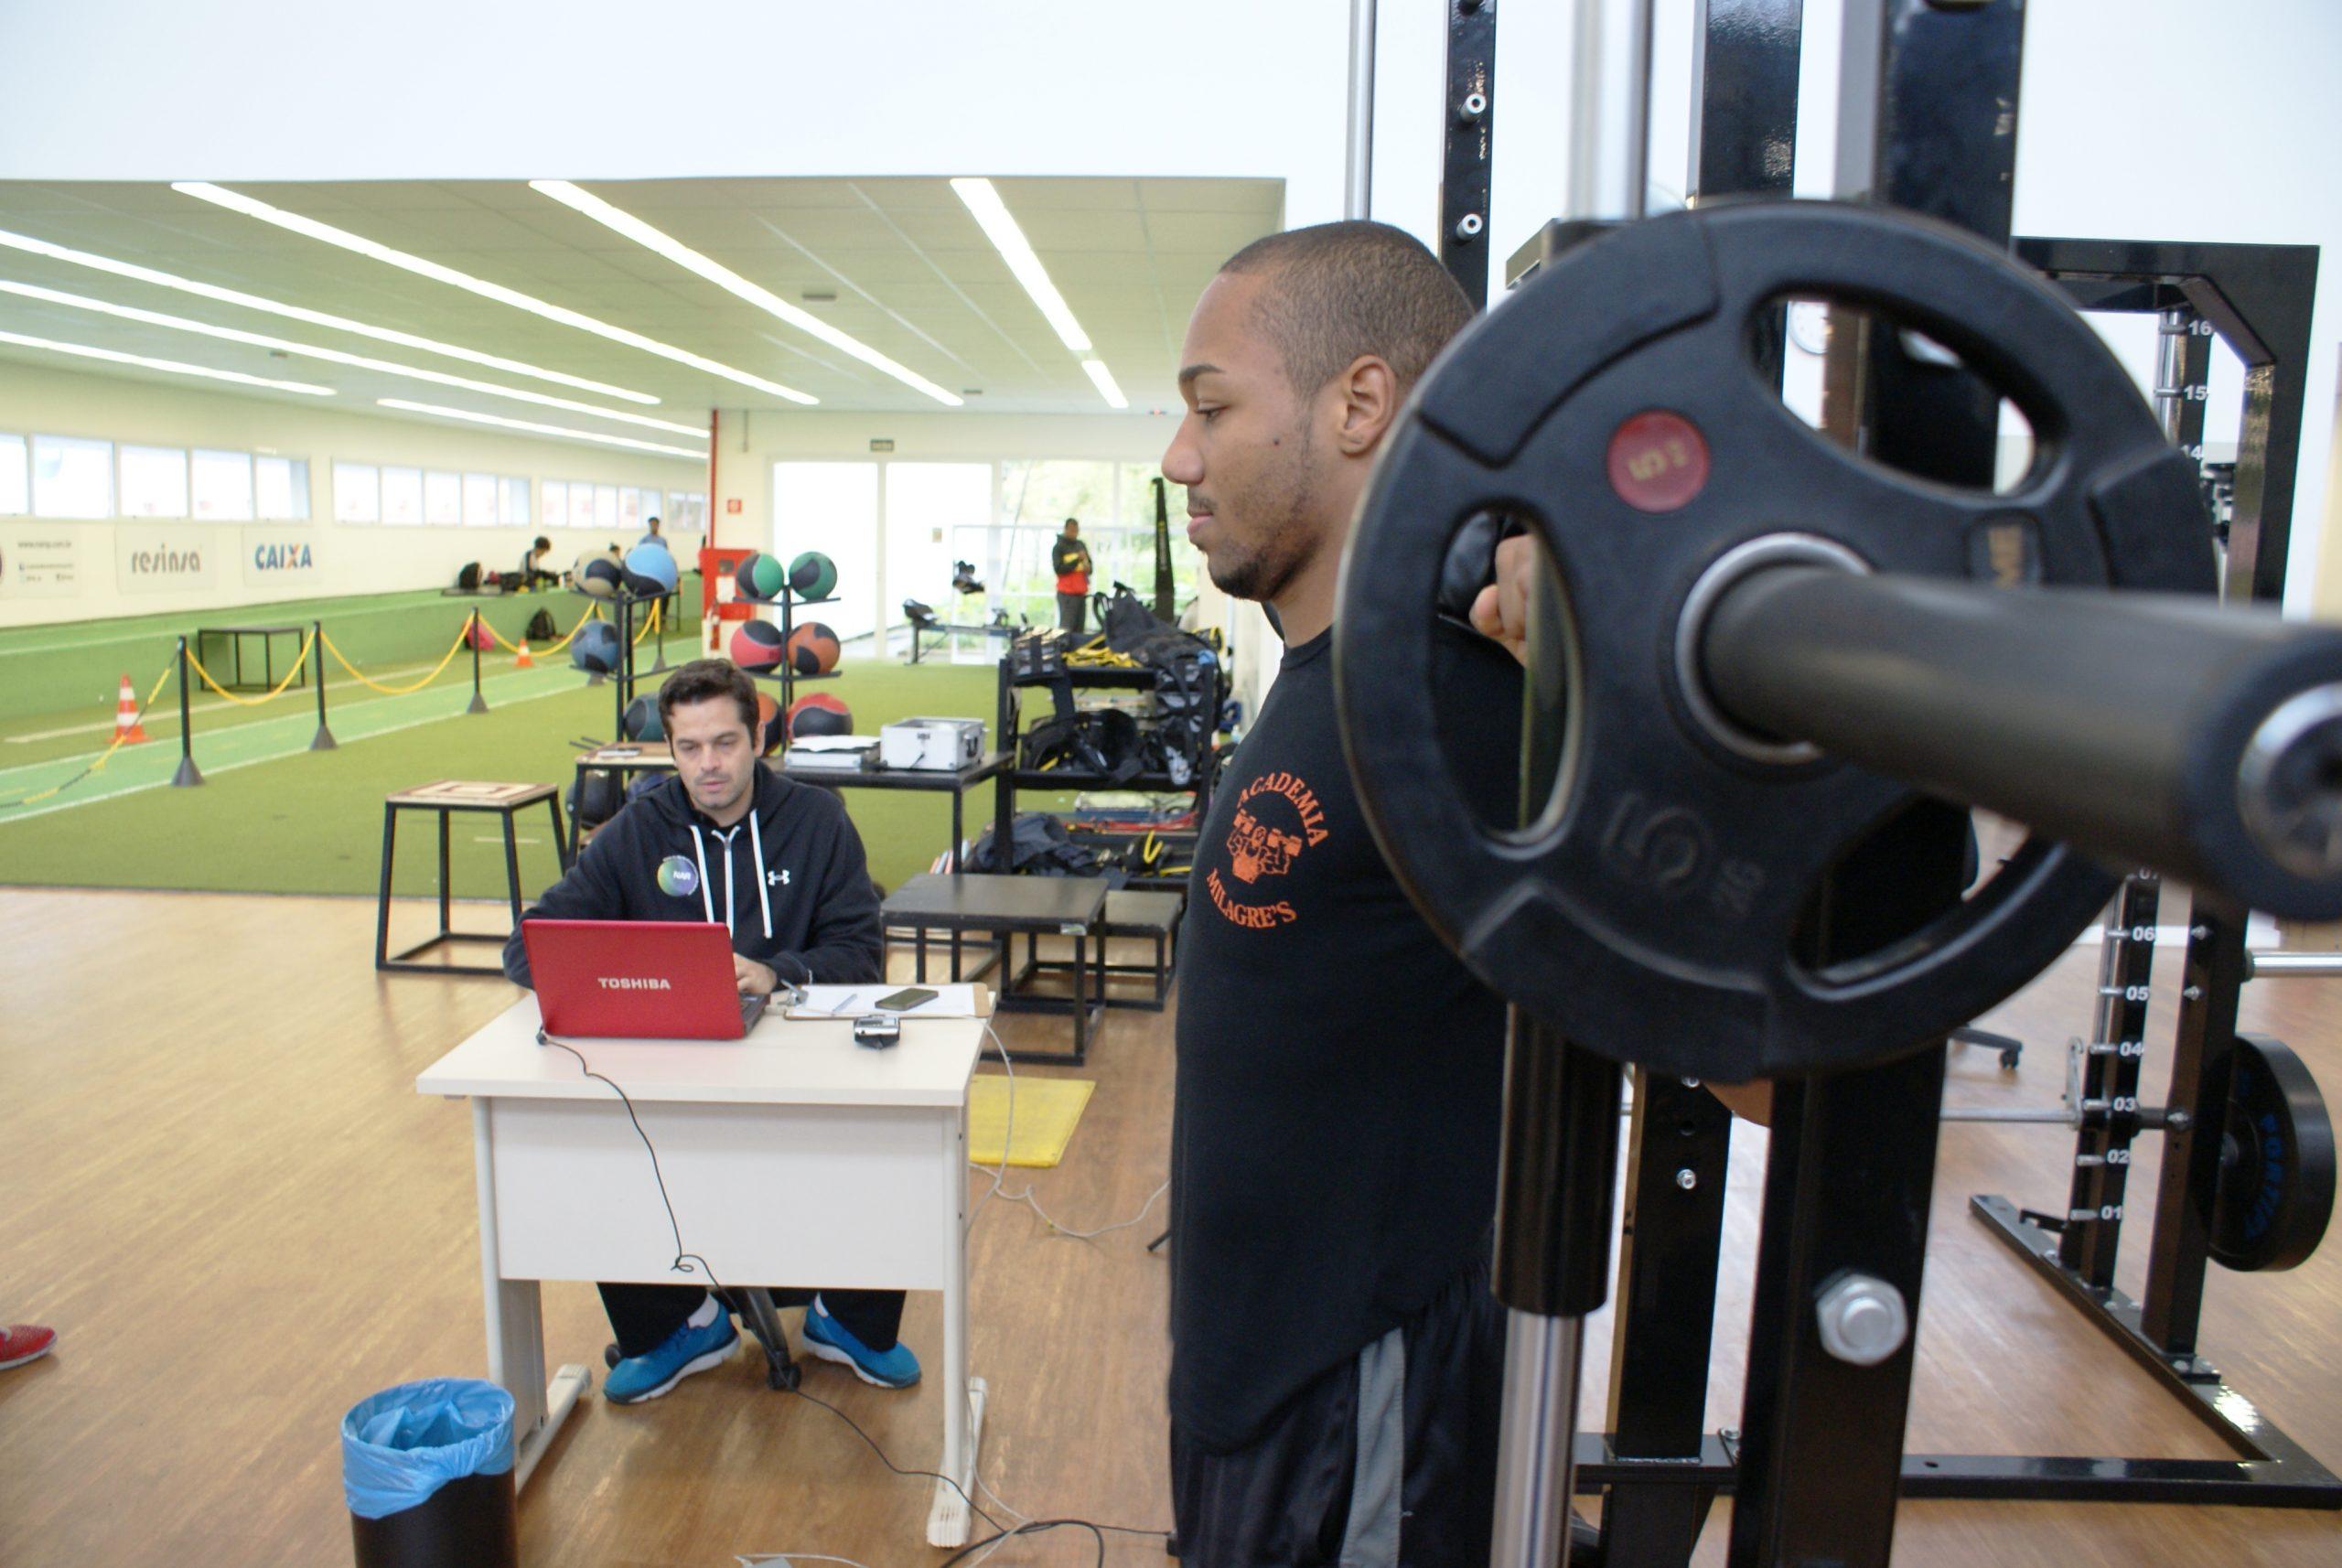 Equipe Carlos Negrão de taekwondo participa de avaliações no NAR